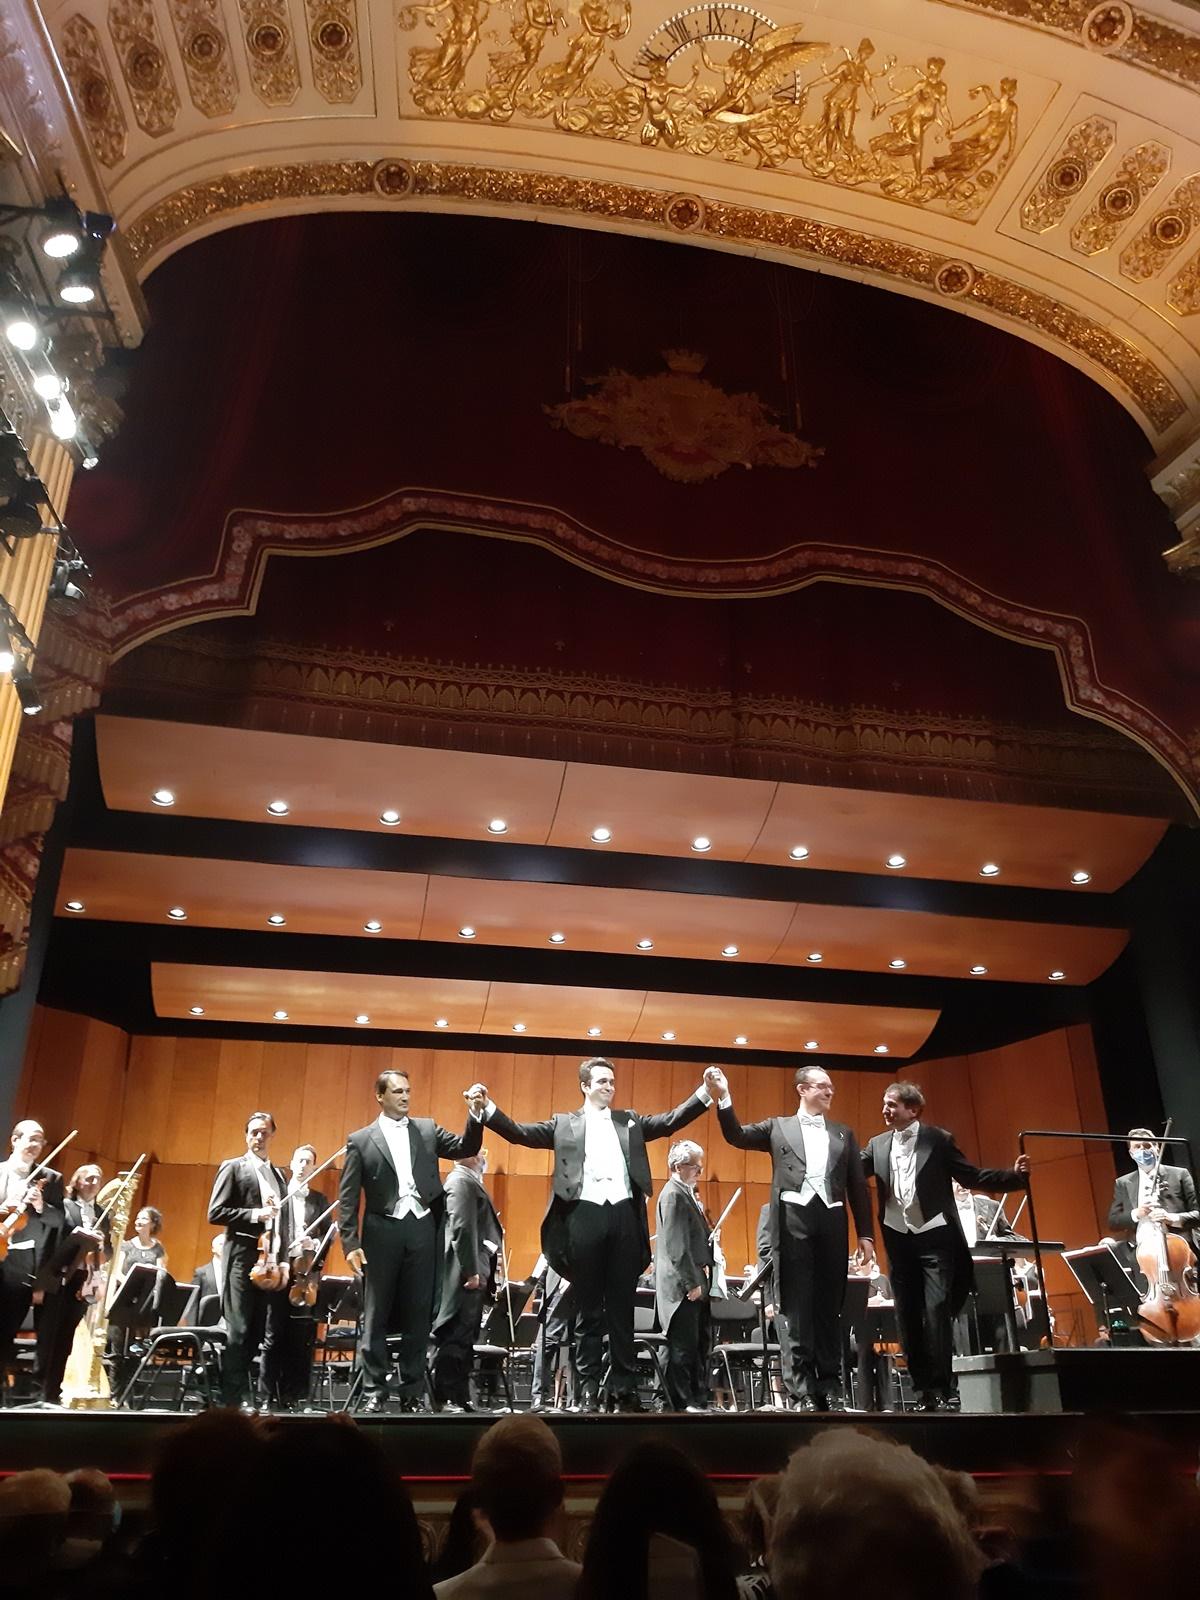 Caruso Gala im Teatro San Carlo in Napoli